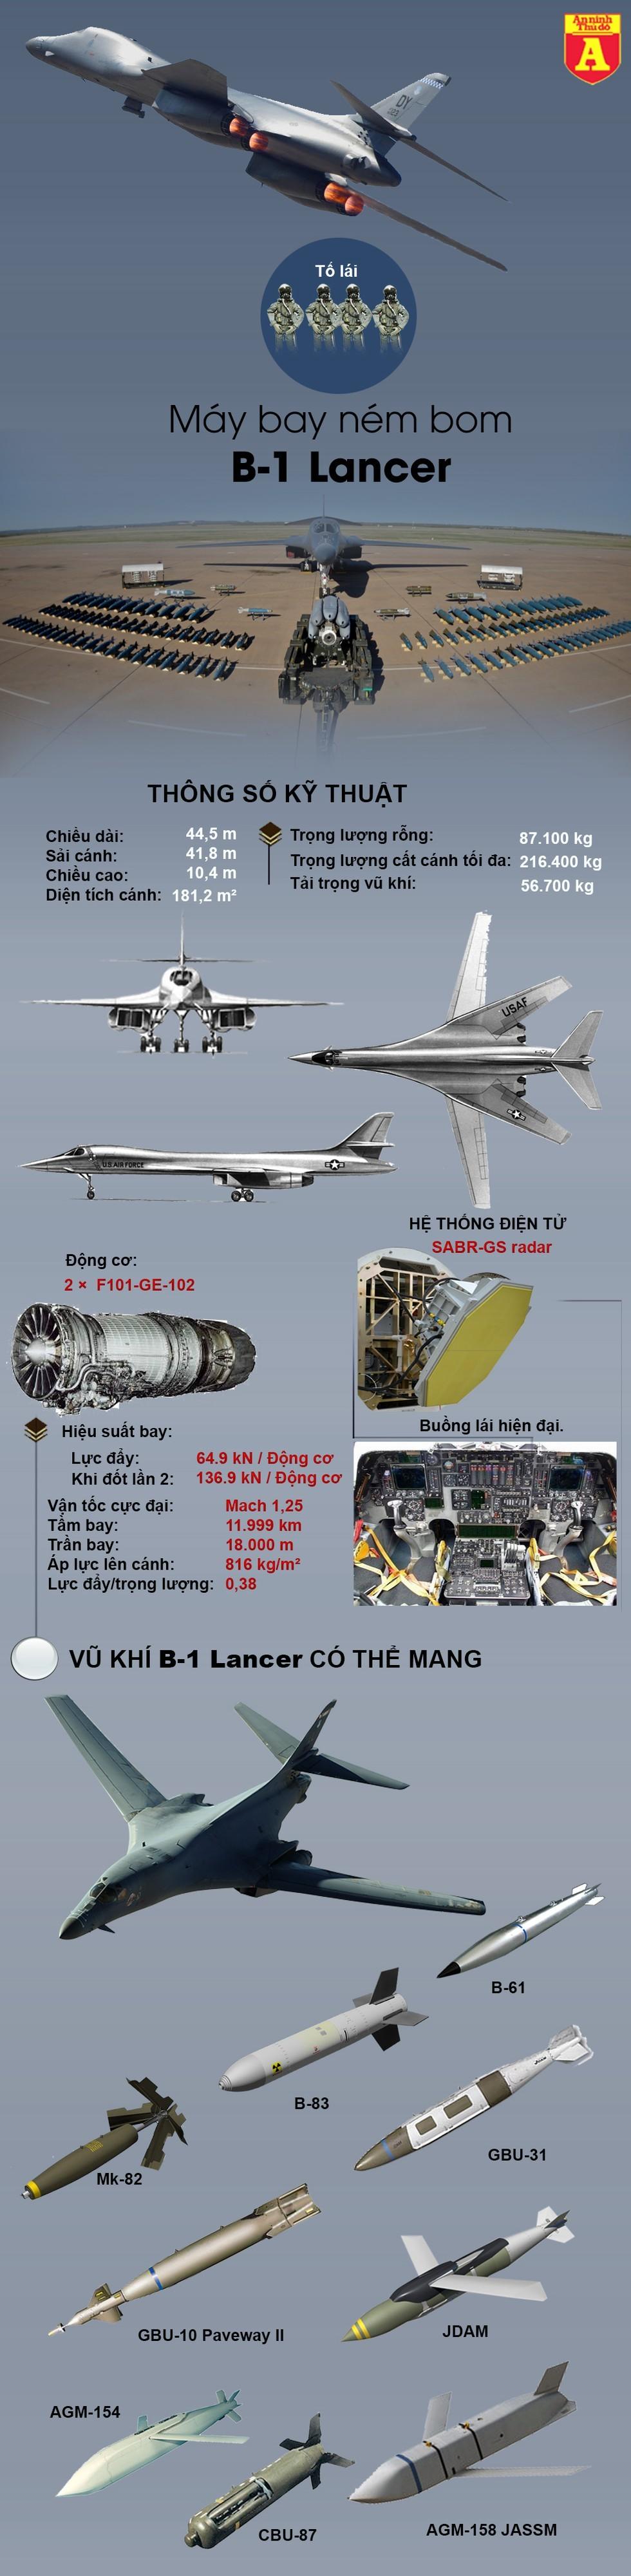 """[Info] Mỹ bất ngờ điều phi đội """"pháo đài bay"""" B-1B tới Trung Đông ảnh 2"""